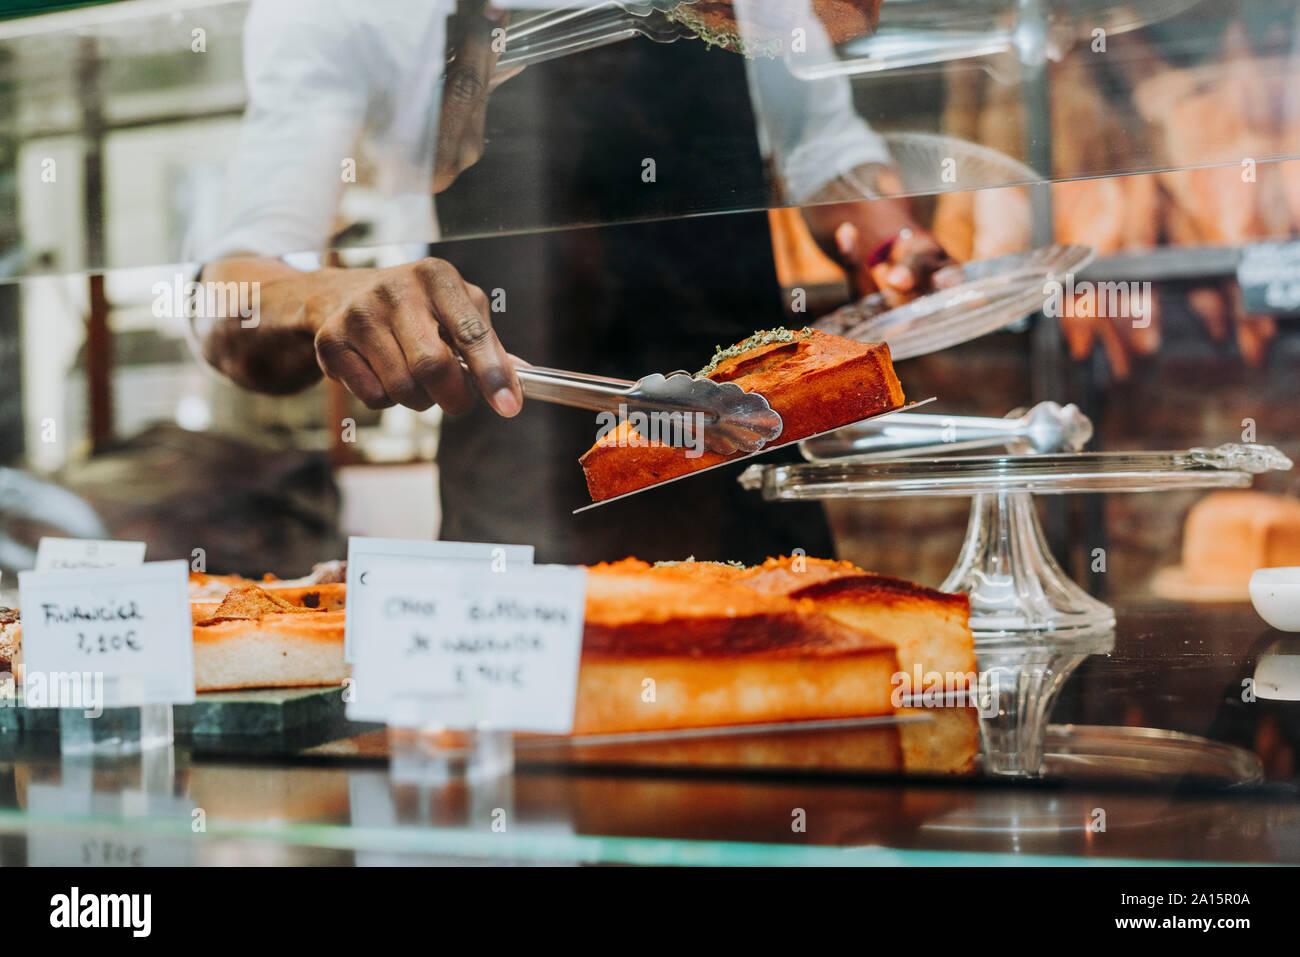 Mann bei der Arbeit in einer Bäckerei, ein Stück Kuchen auf den Teller Stockfoto